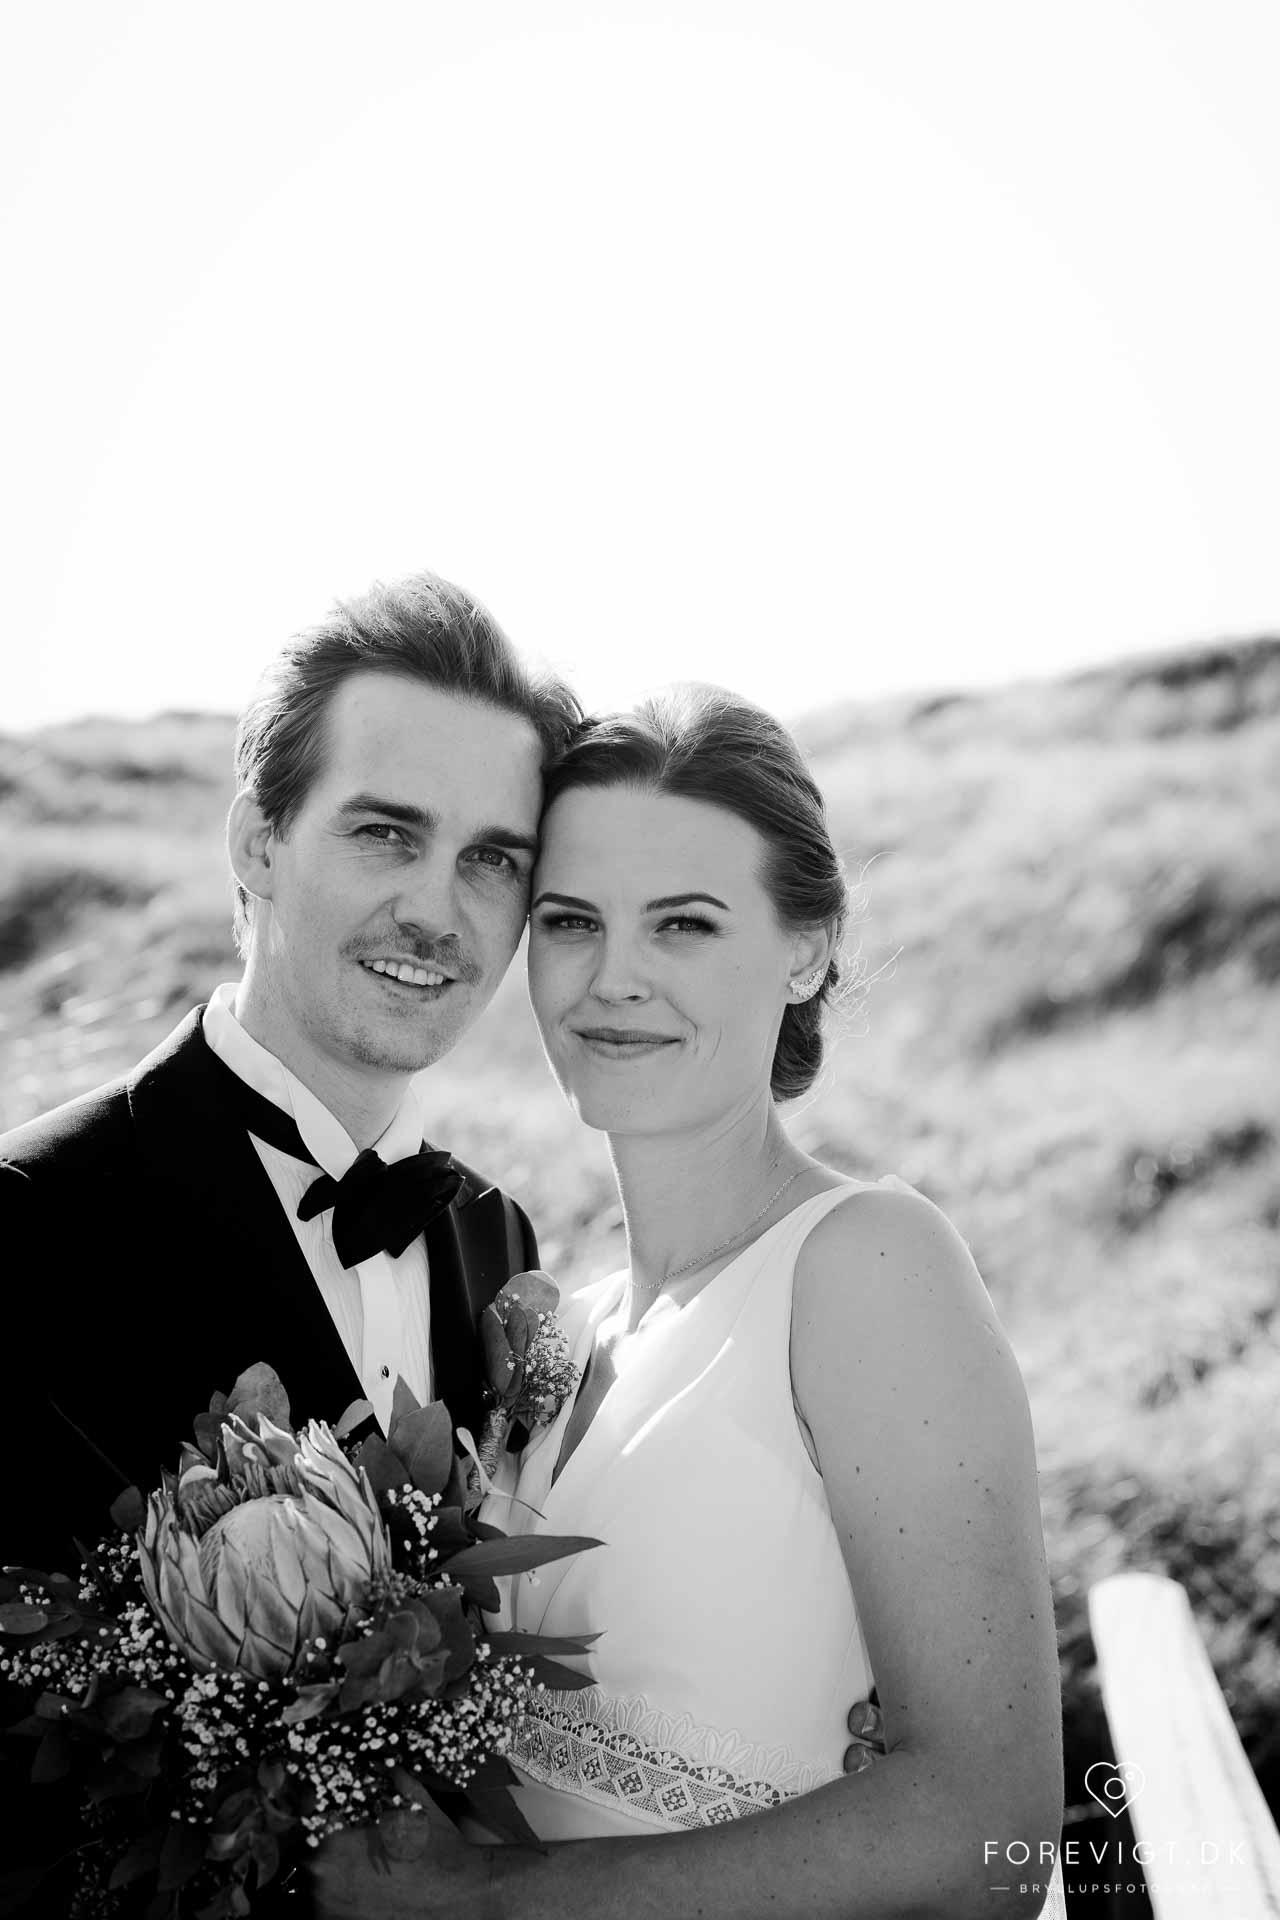 Klitrosen | - Bryllup i Nordjylland | Lej bryllupslokaler